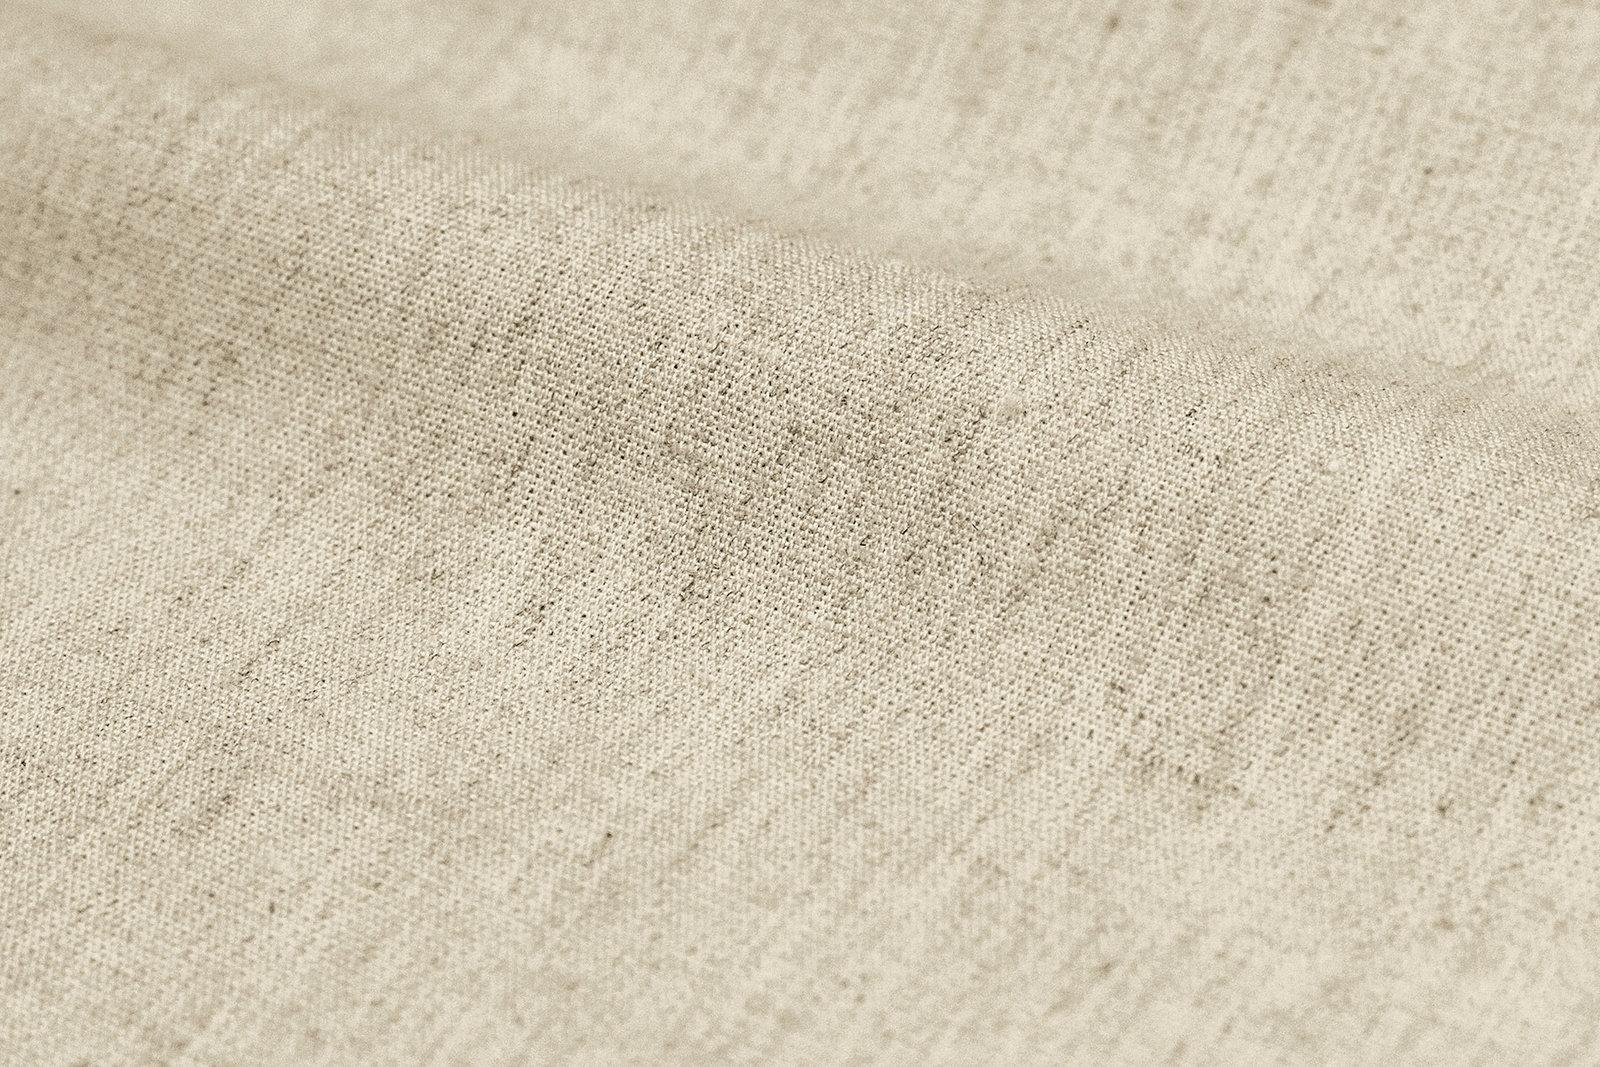 shirt-granddad-desert-cotton-linen-ecru-6@2x.jpg